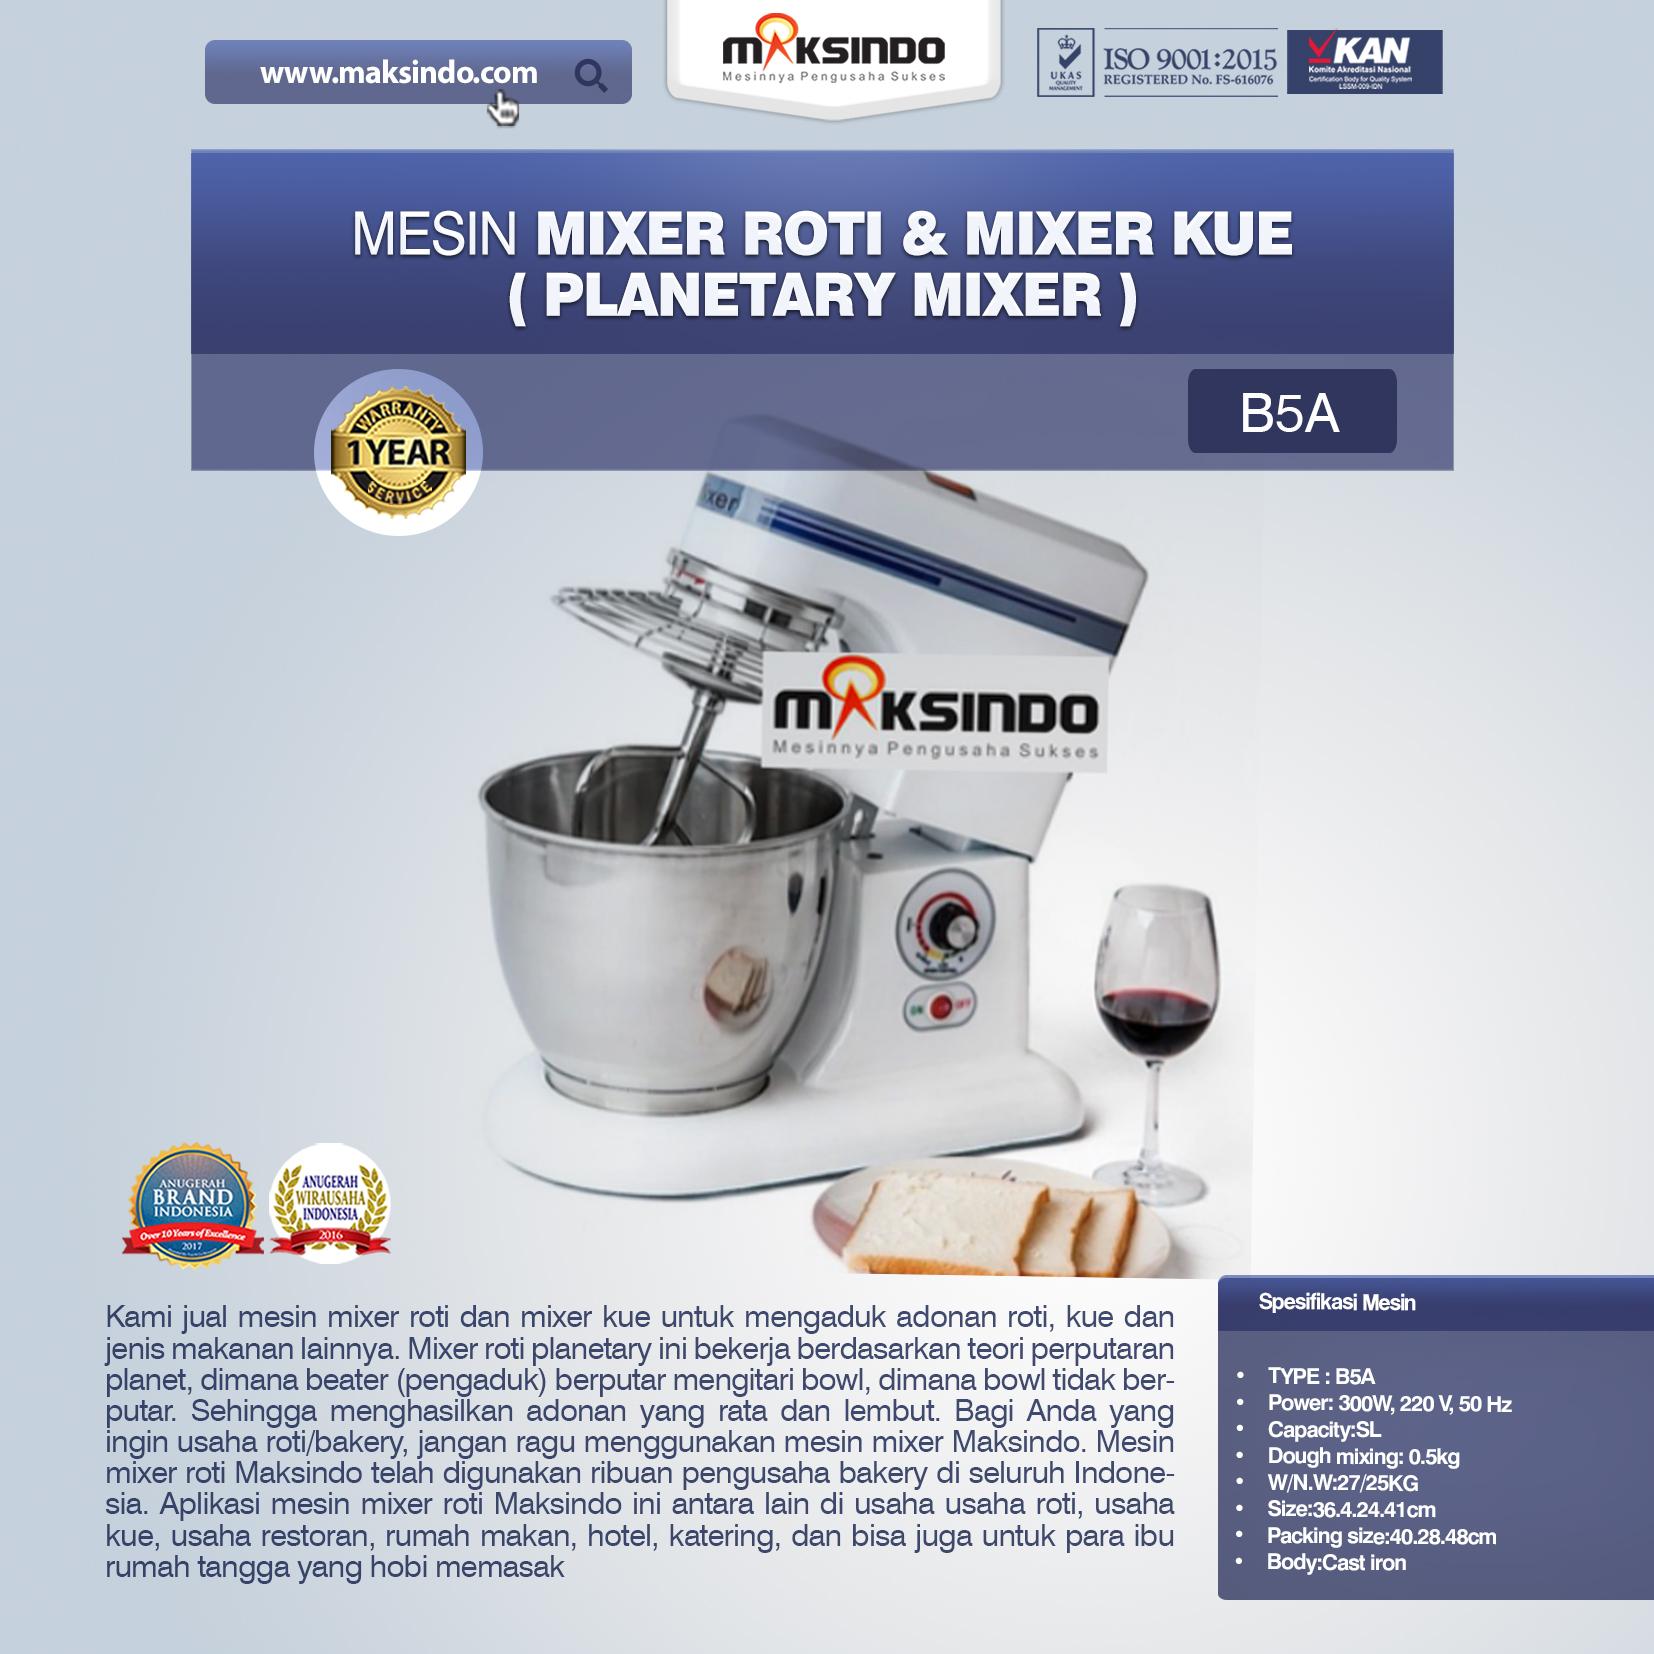 Jual Mesin Mixer Roti dan Kue Model Planetary di Semarang